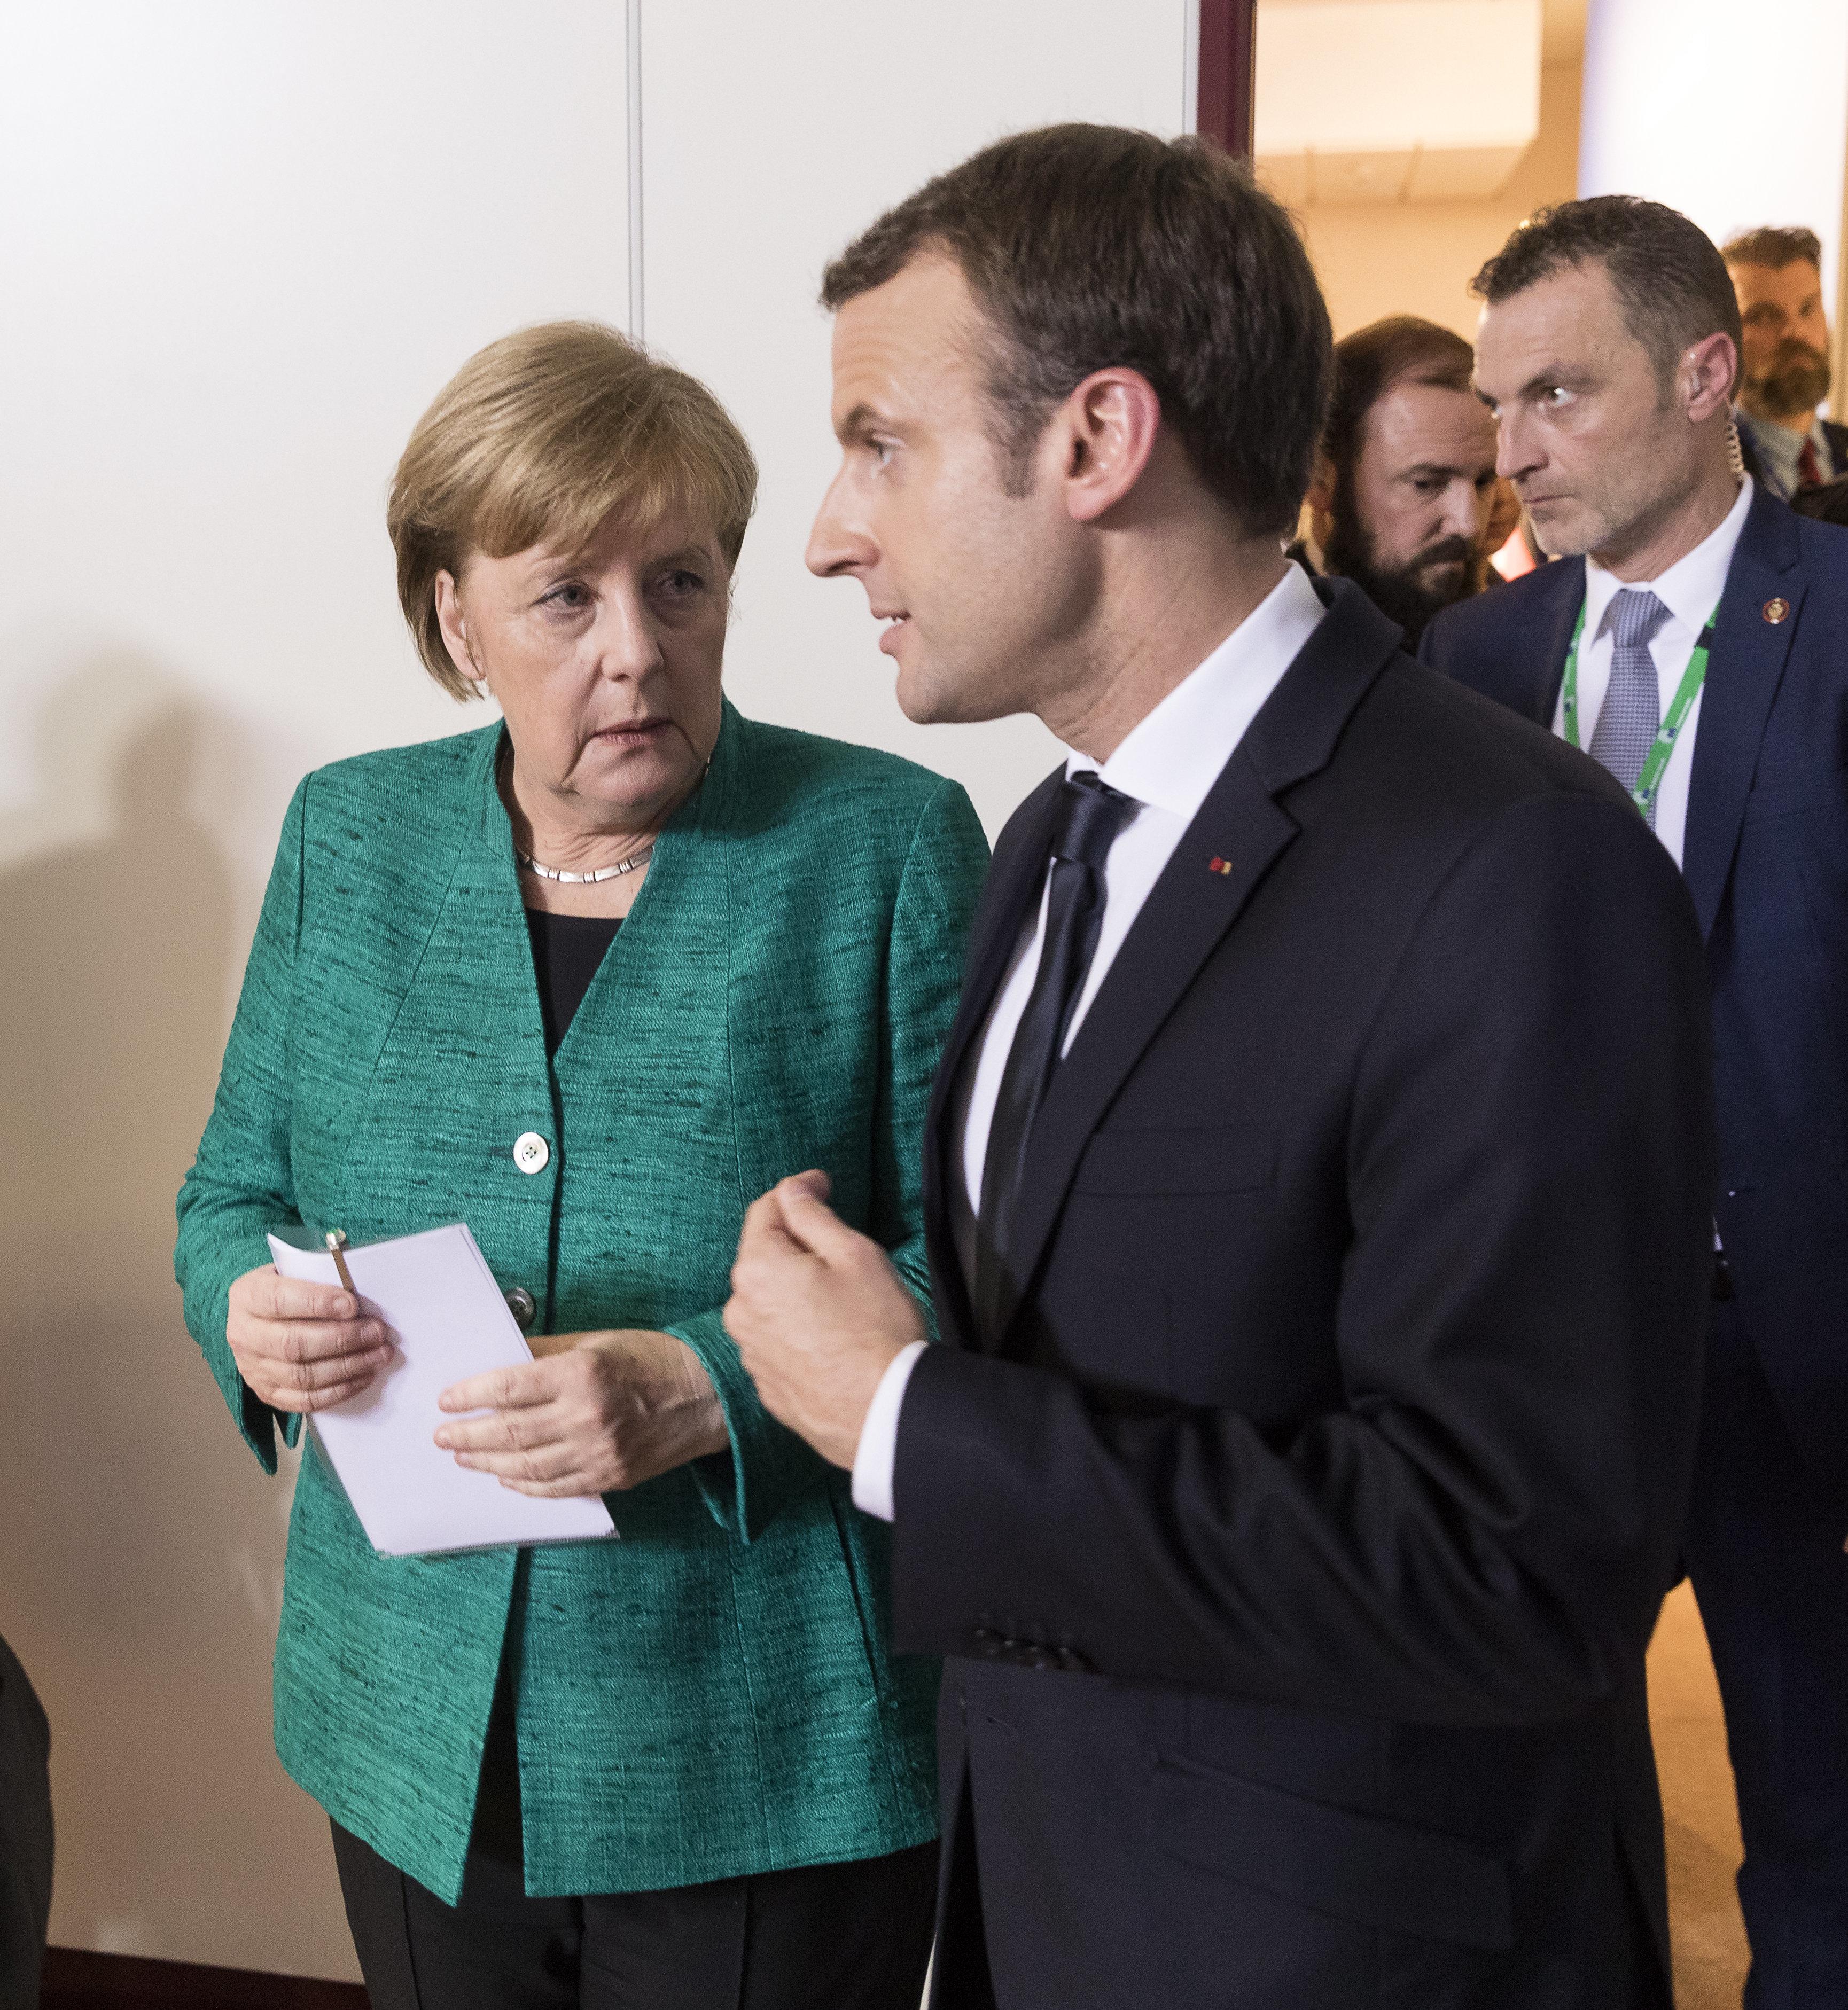 Mit dieser ehrgeizigen Strategie will Macron Merkels Vorherrschaft in Europa brechen